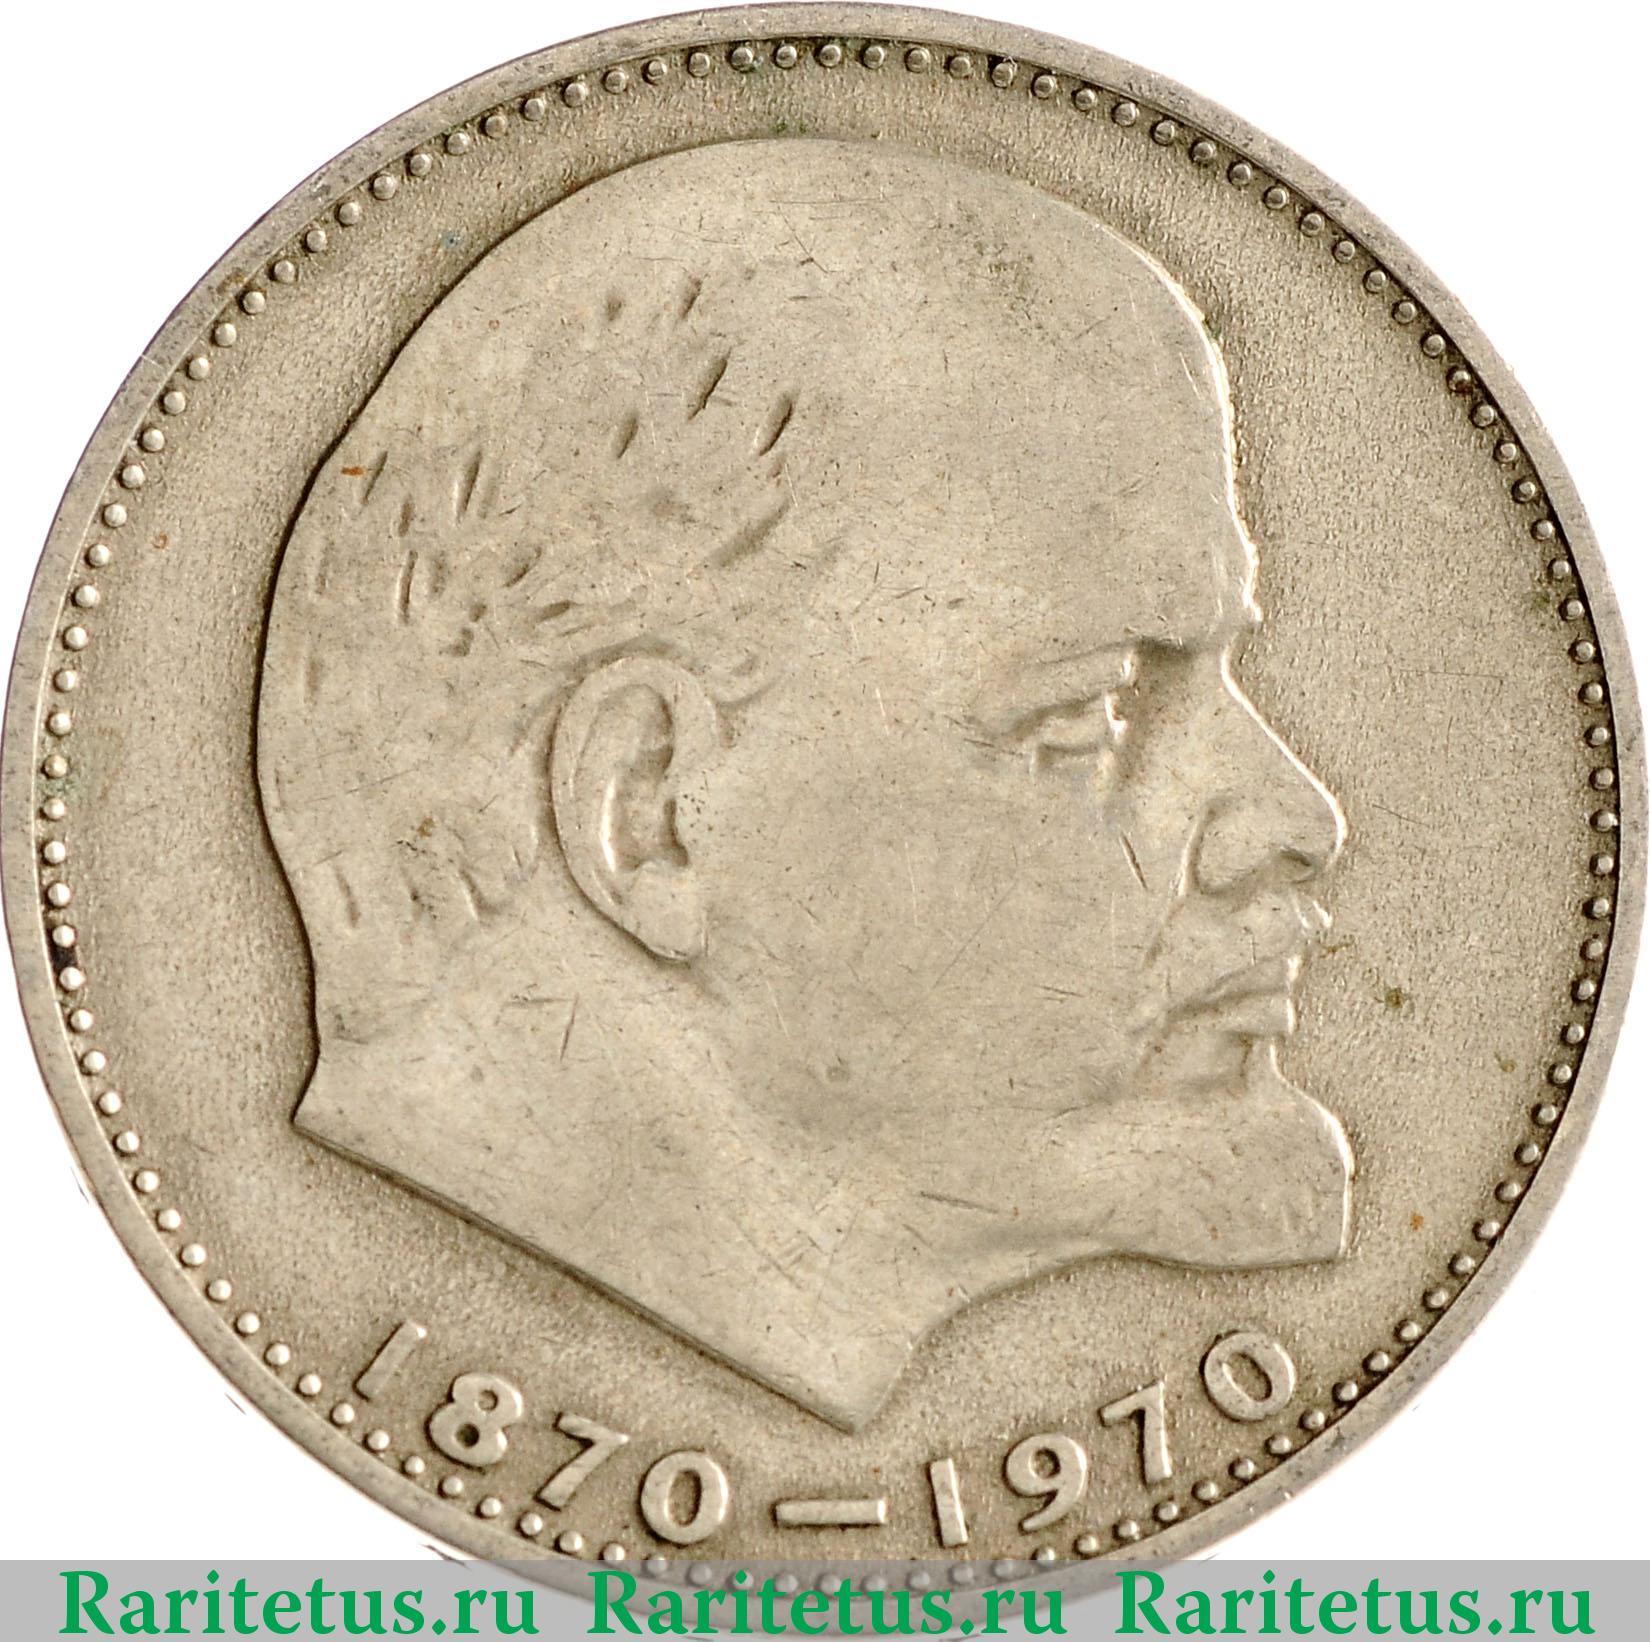 1 рубль 1970 цена ленин стоимость 2 стотинки 1974 года